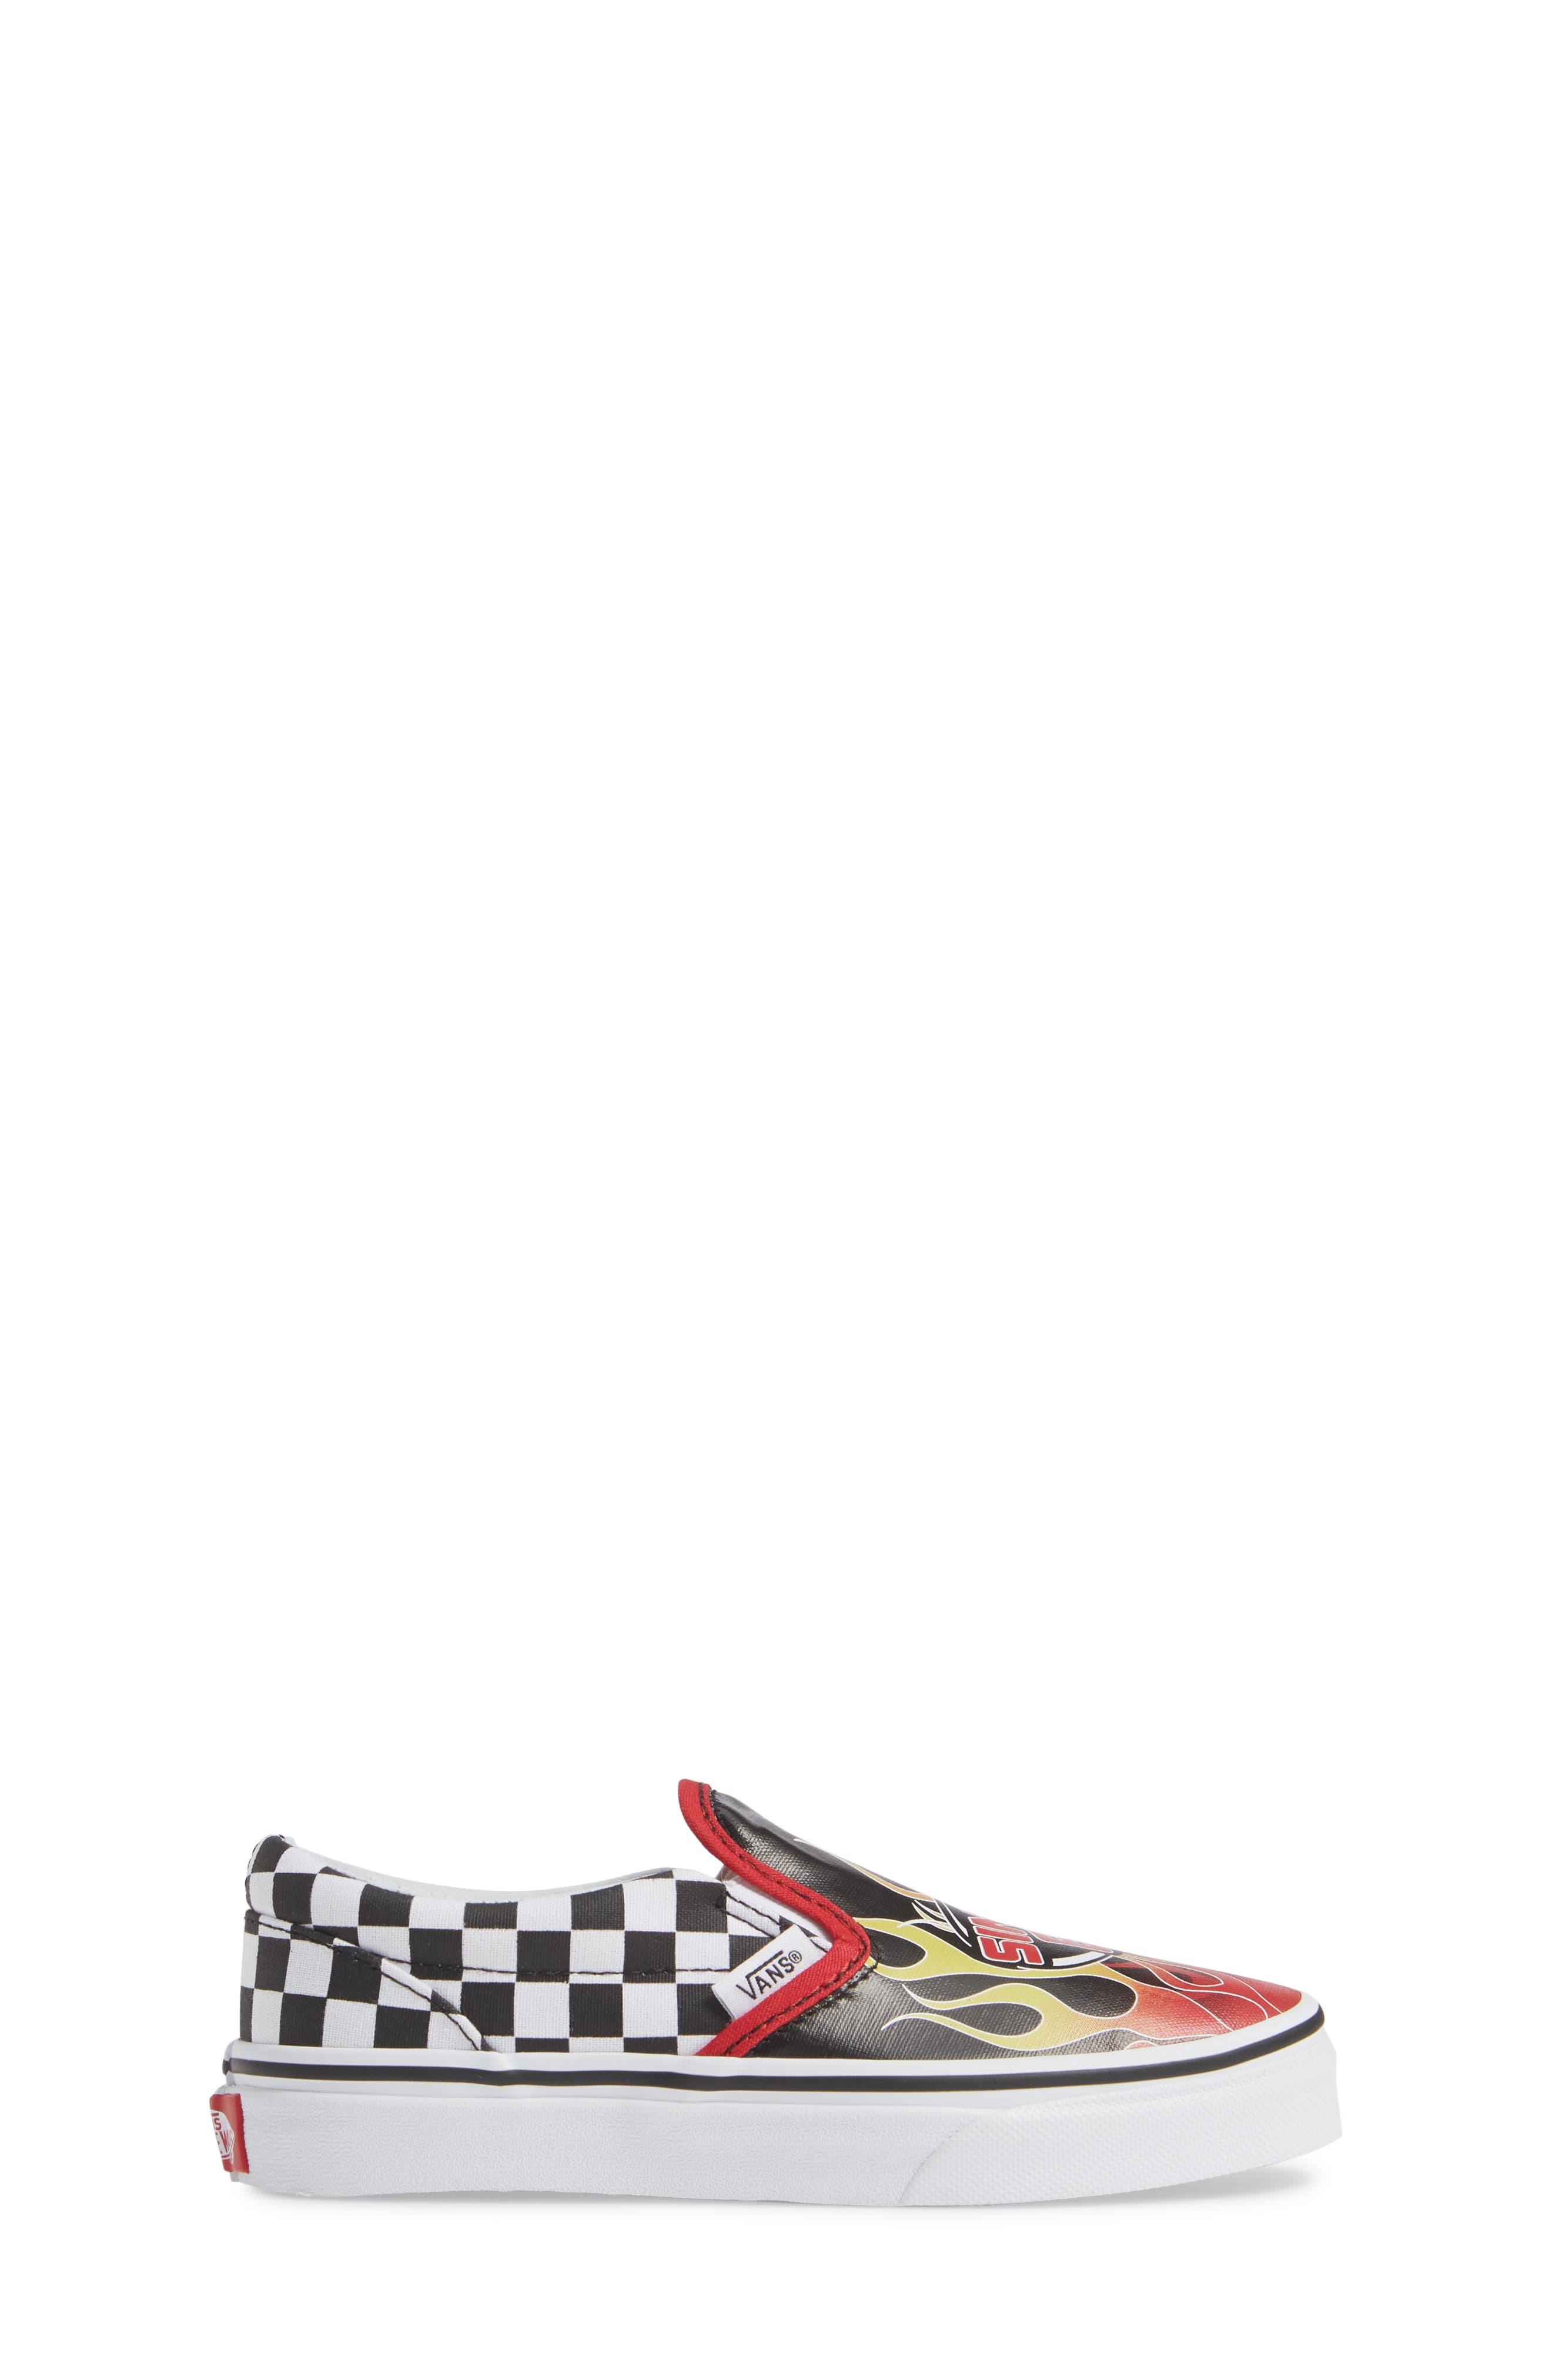 VANS,                             'Classic - Checker' Slip-On,                             Alternate thumbnail 3, color,                             BLACK/ RACING RED/ TRUE WHITE